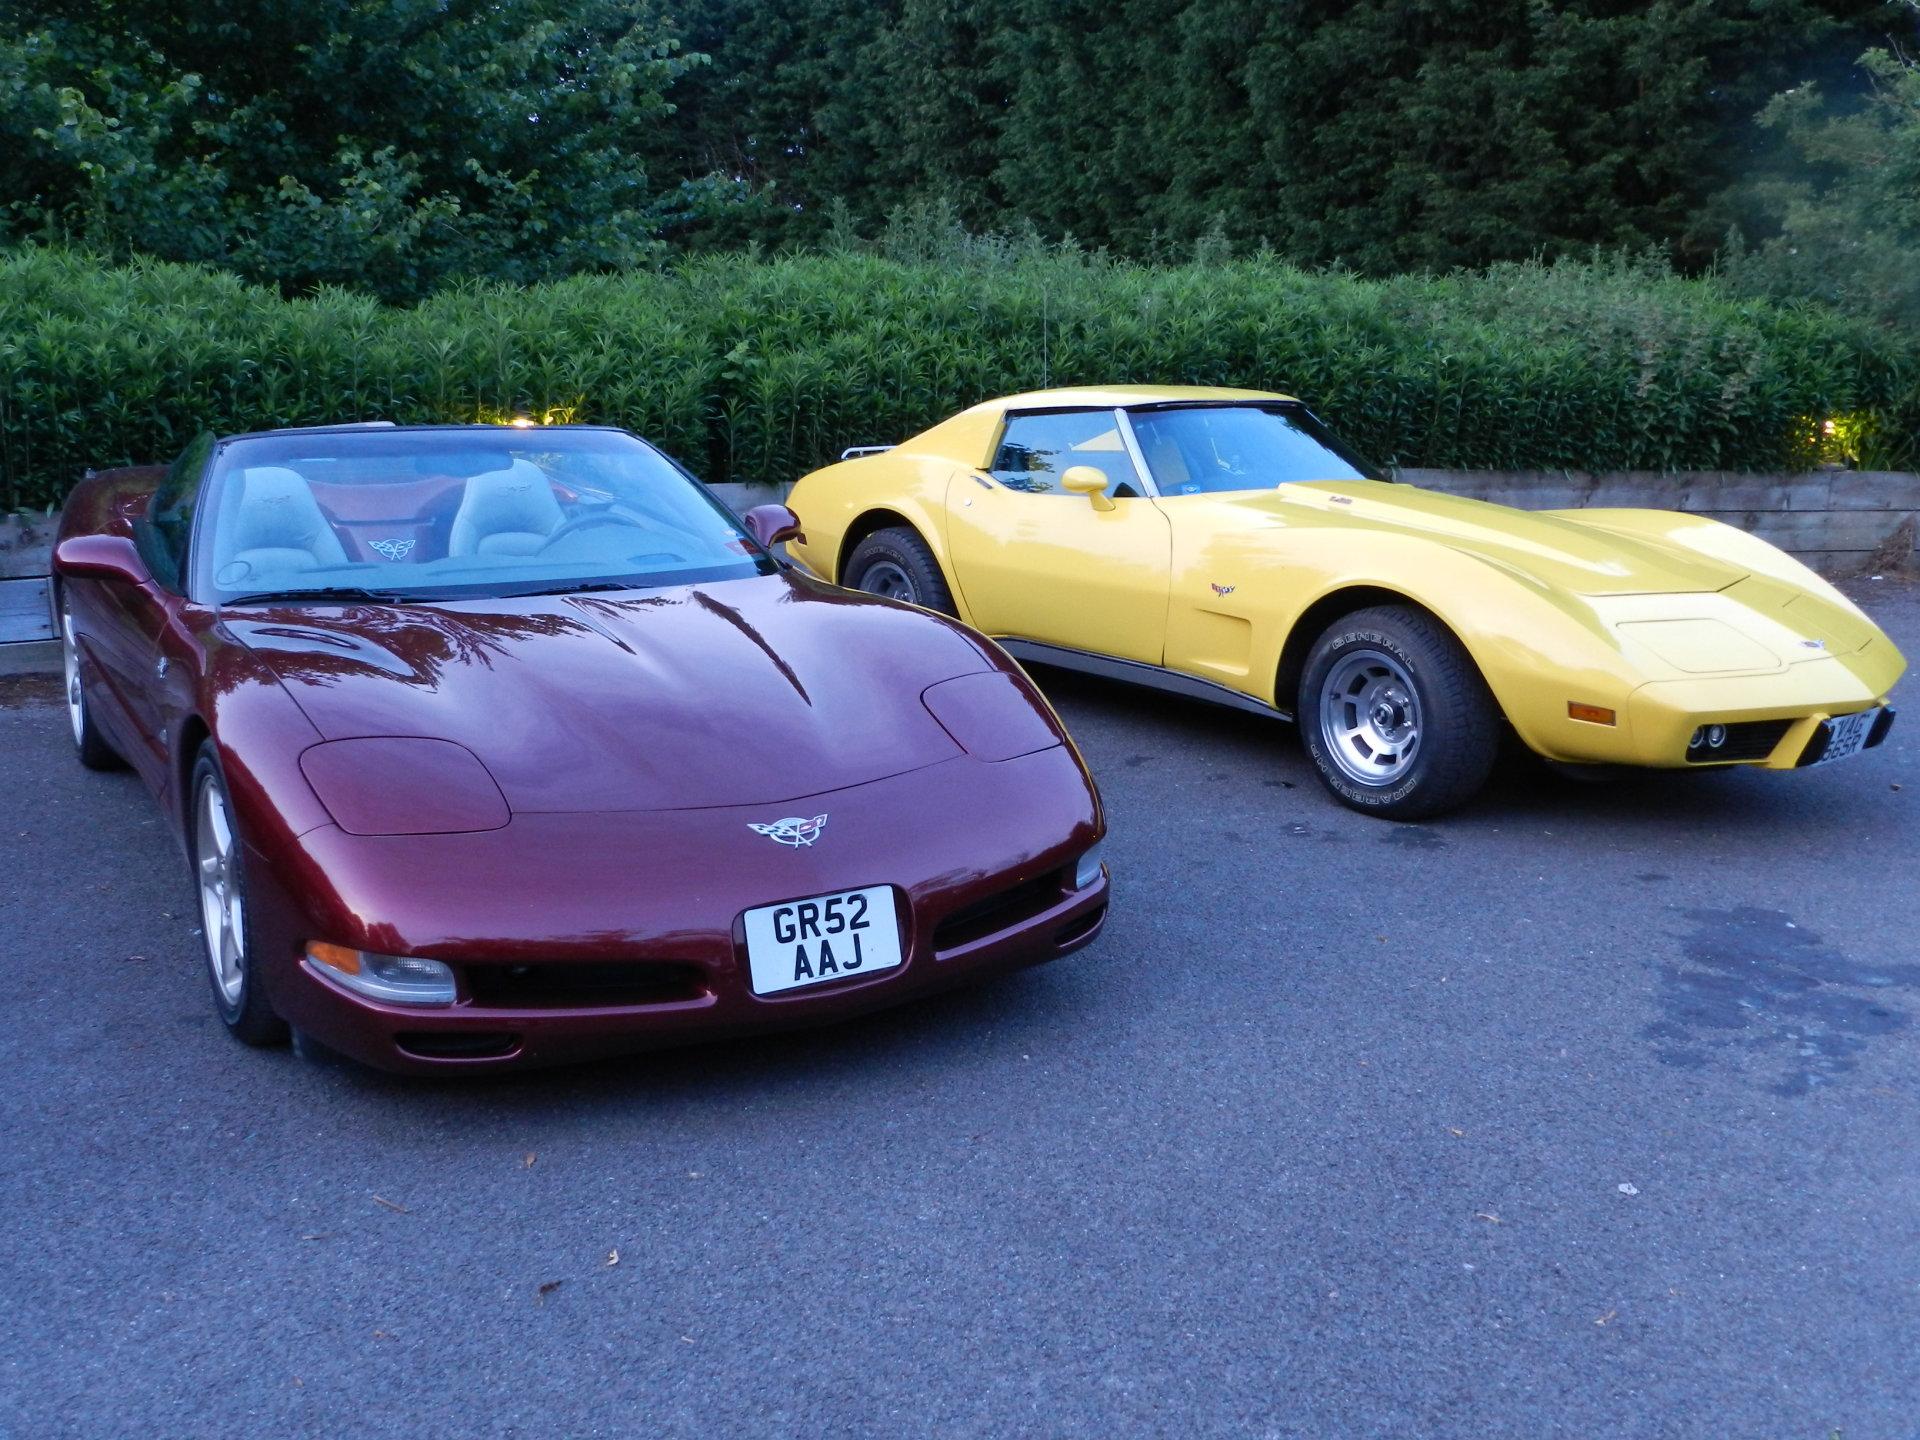 NEW - Corvette Car Club Sussex UK Club Visit